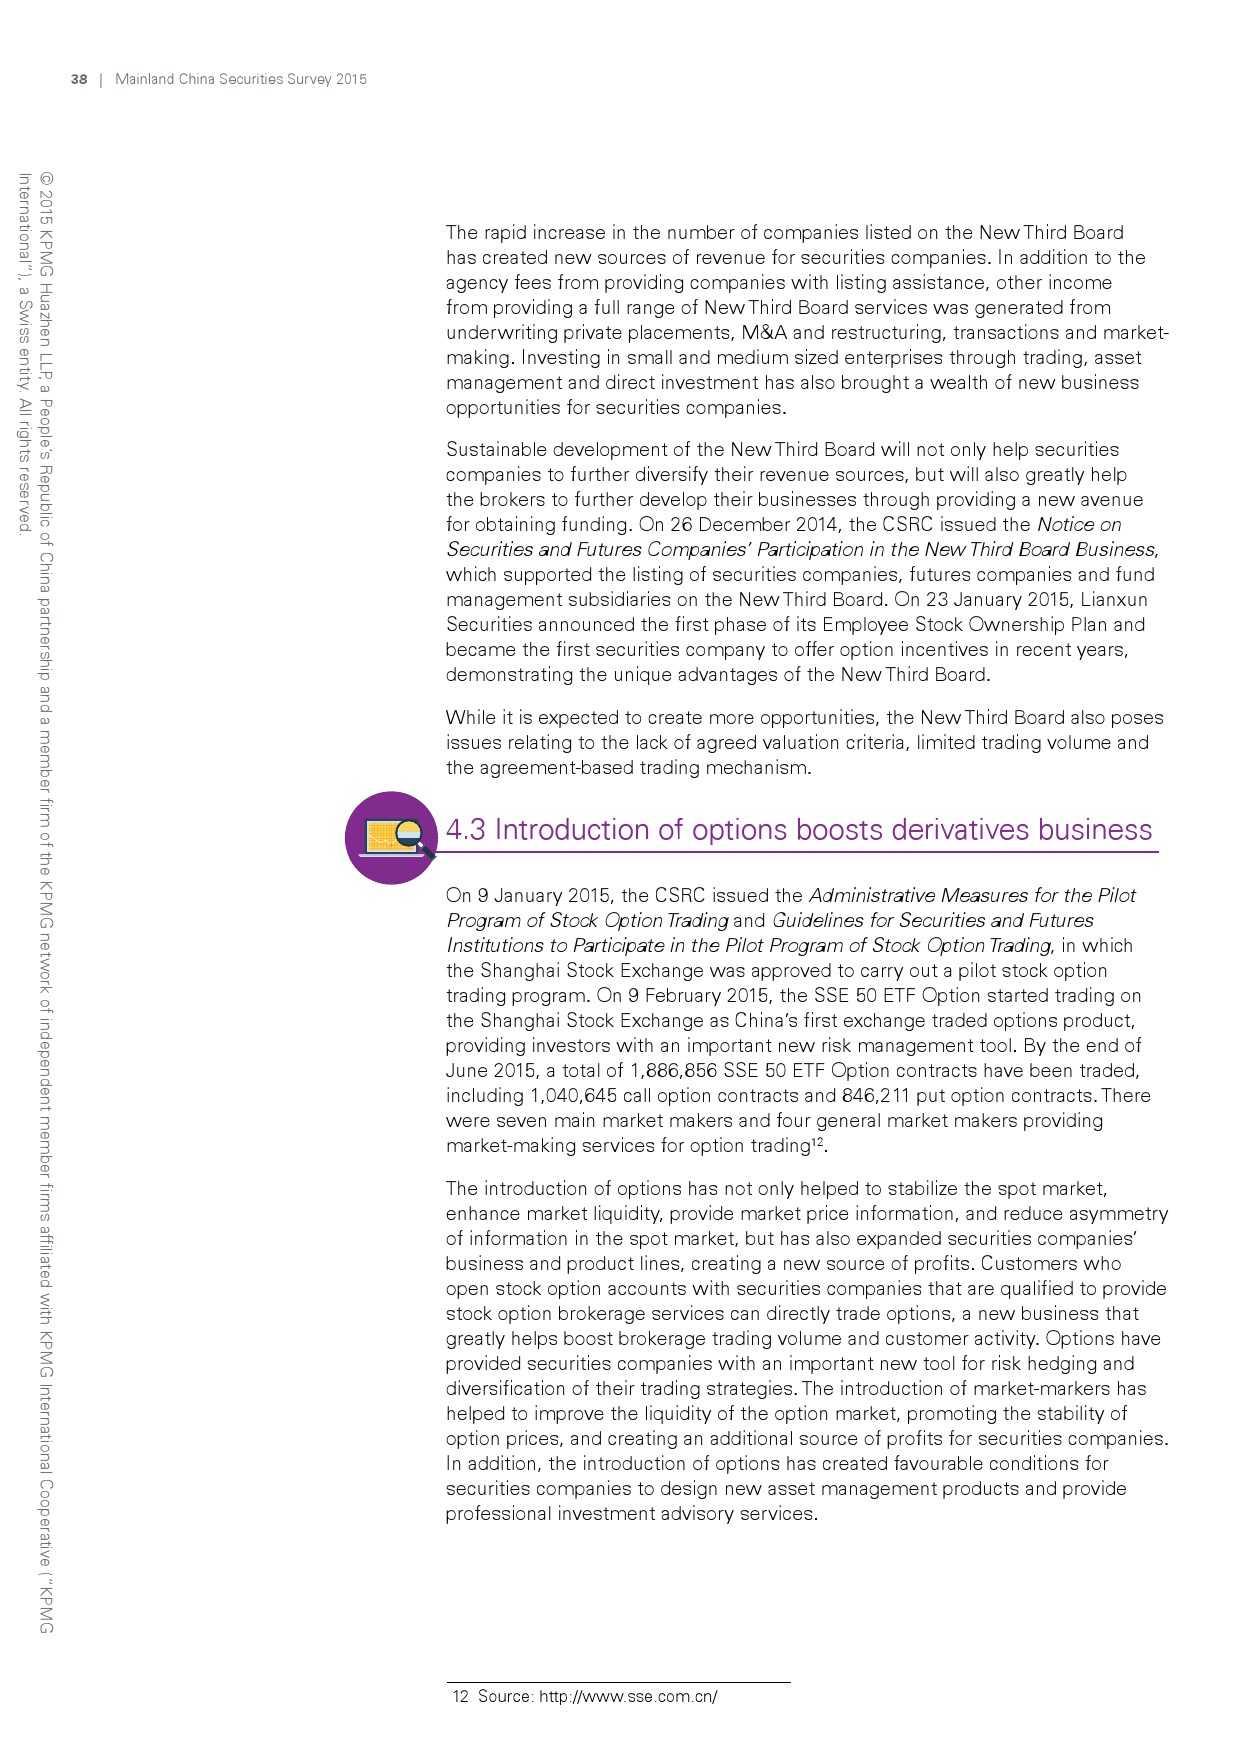 毕马威:2015年中国证券业调查报告_000040